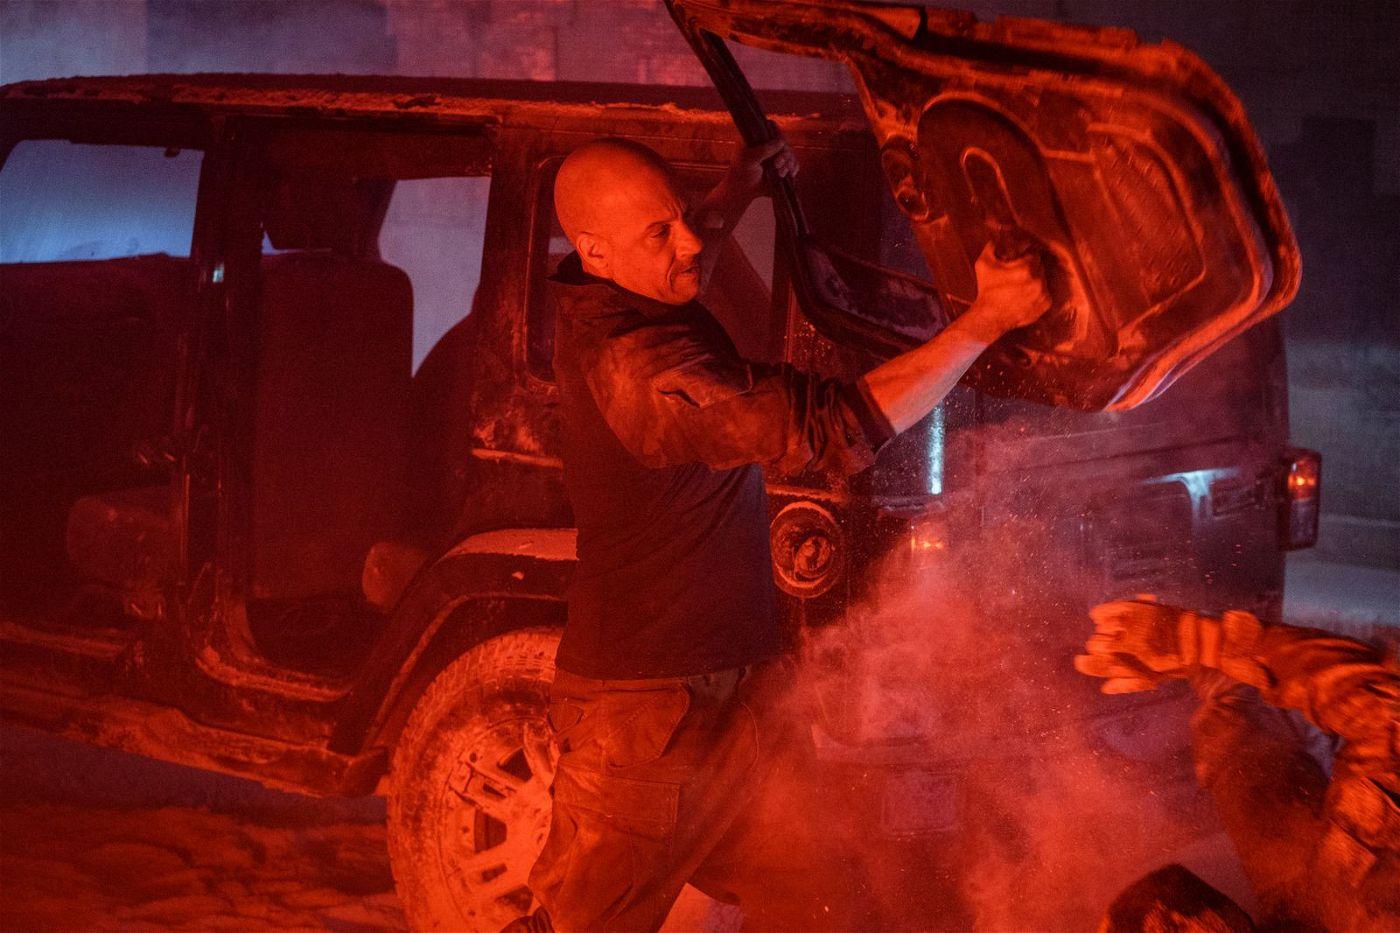 Um den Mörder seiner Frau zu finden, ist Ray Garrison alias Bloodshot (Vin Diesel) jedes Mittel recht.